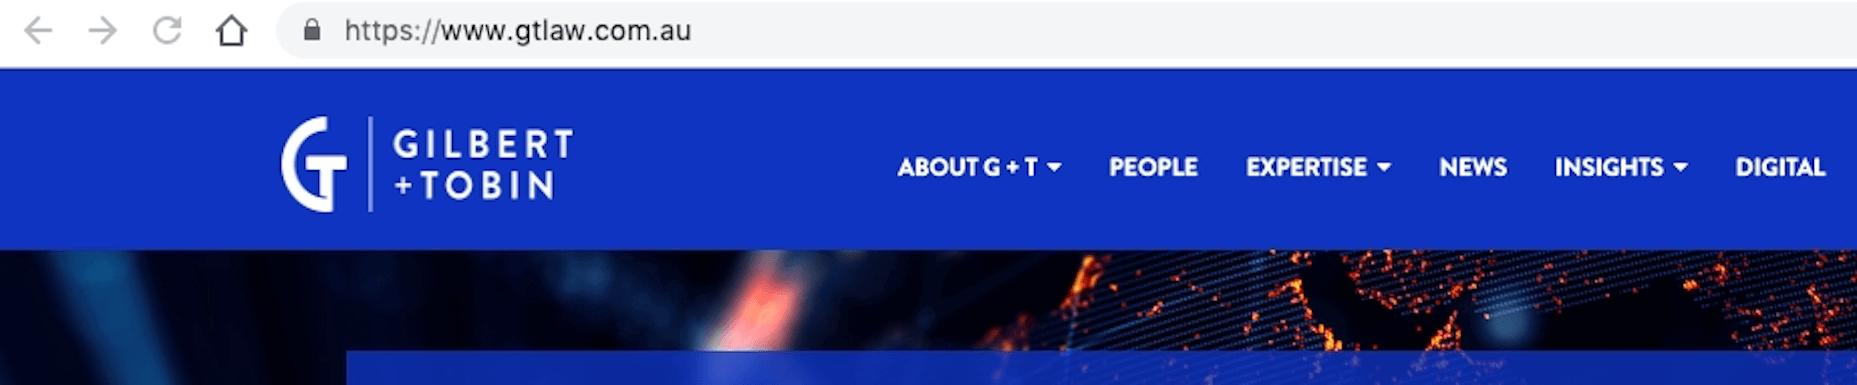 HTTPSAddress